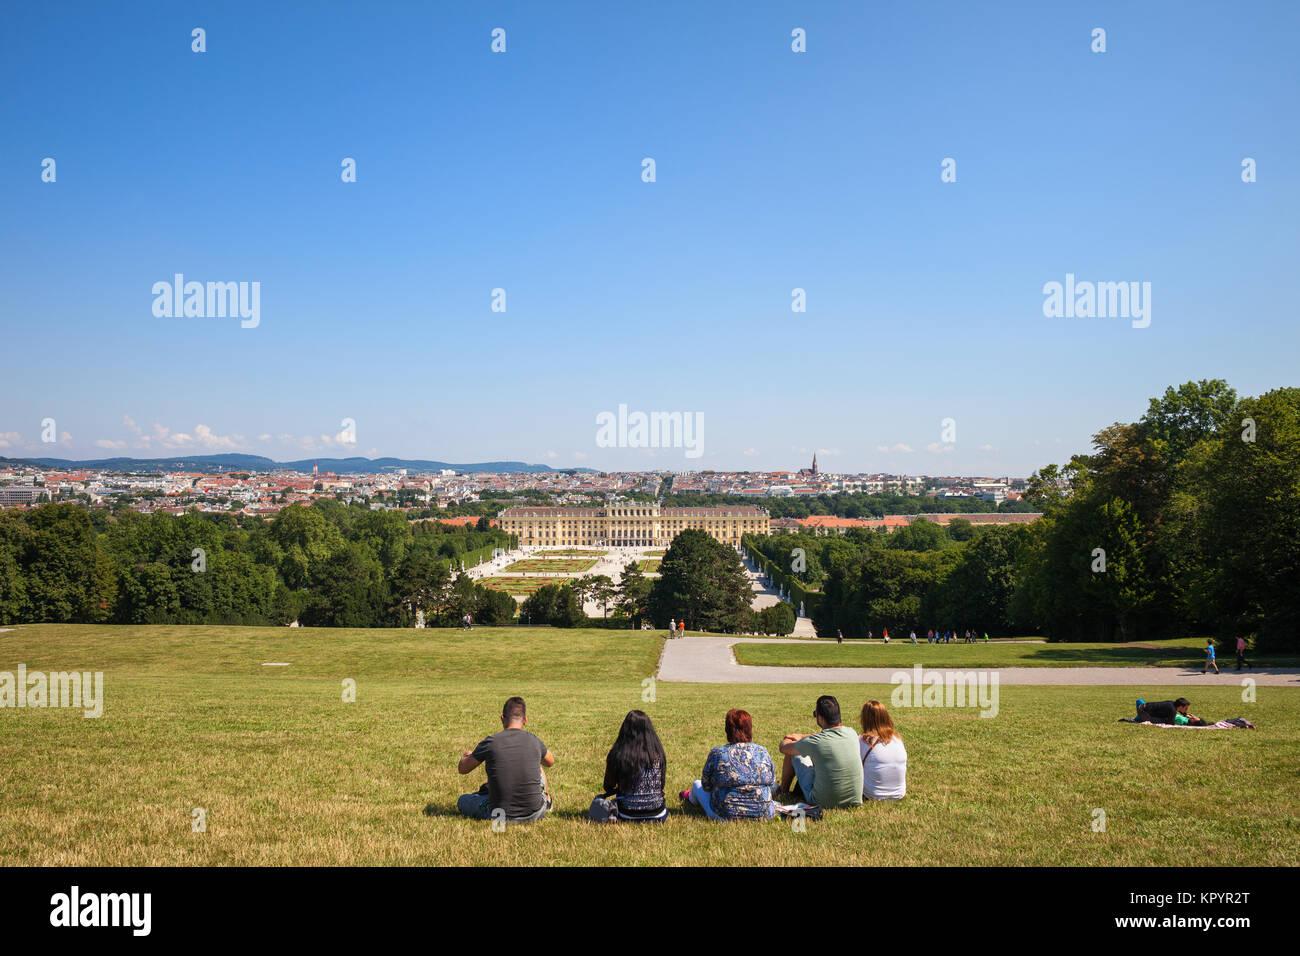 Gruppe von Menschen, die auf Gras mit Blick auf das Schloss Schönbrunn und der Stadt Wien von Schönbrunn Stockbild